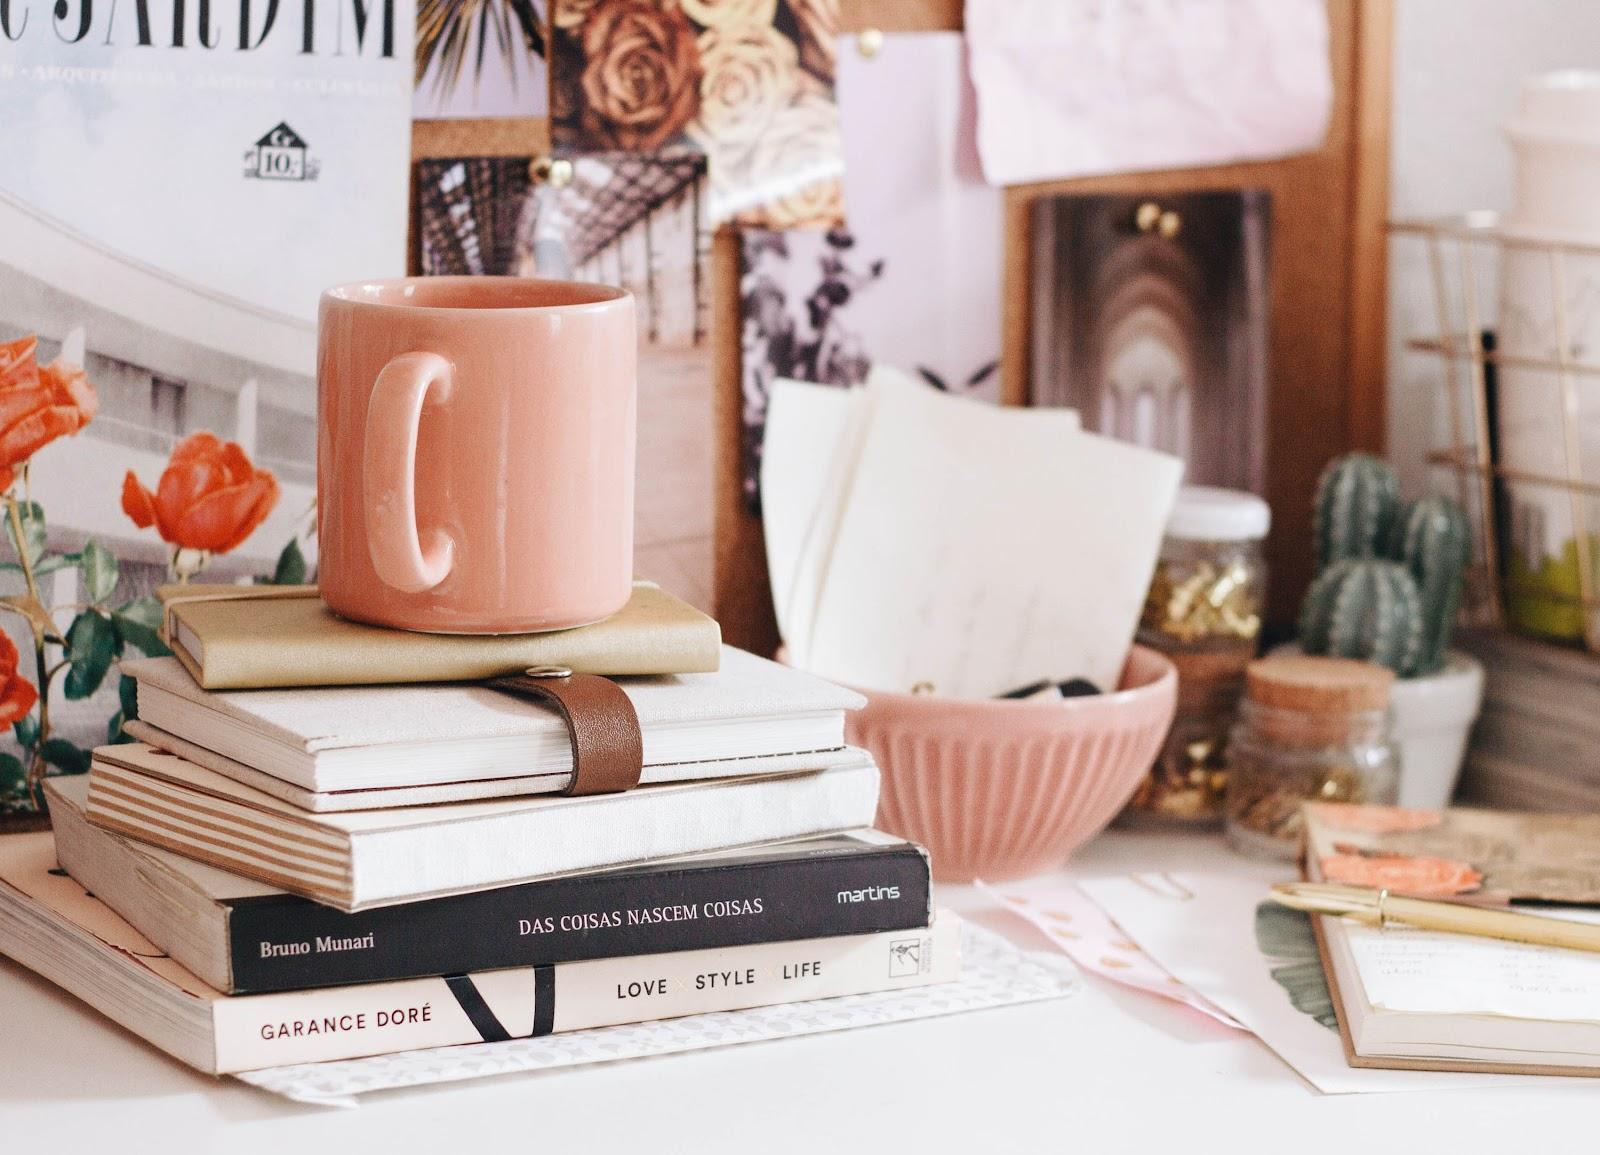 Schreibtisch mit Büchern, Notizbüchern, einer rosafarbenen Tasse und Dekoartikeln im Journaling Ambiente